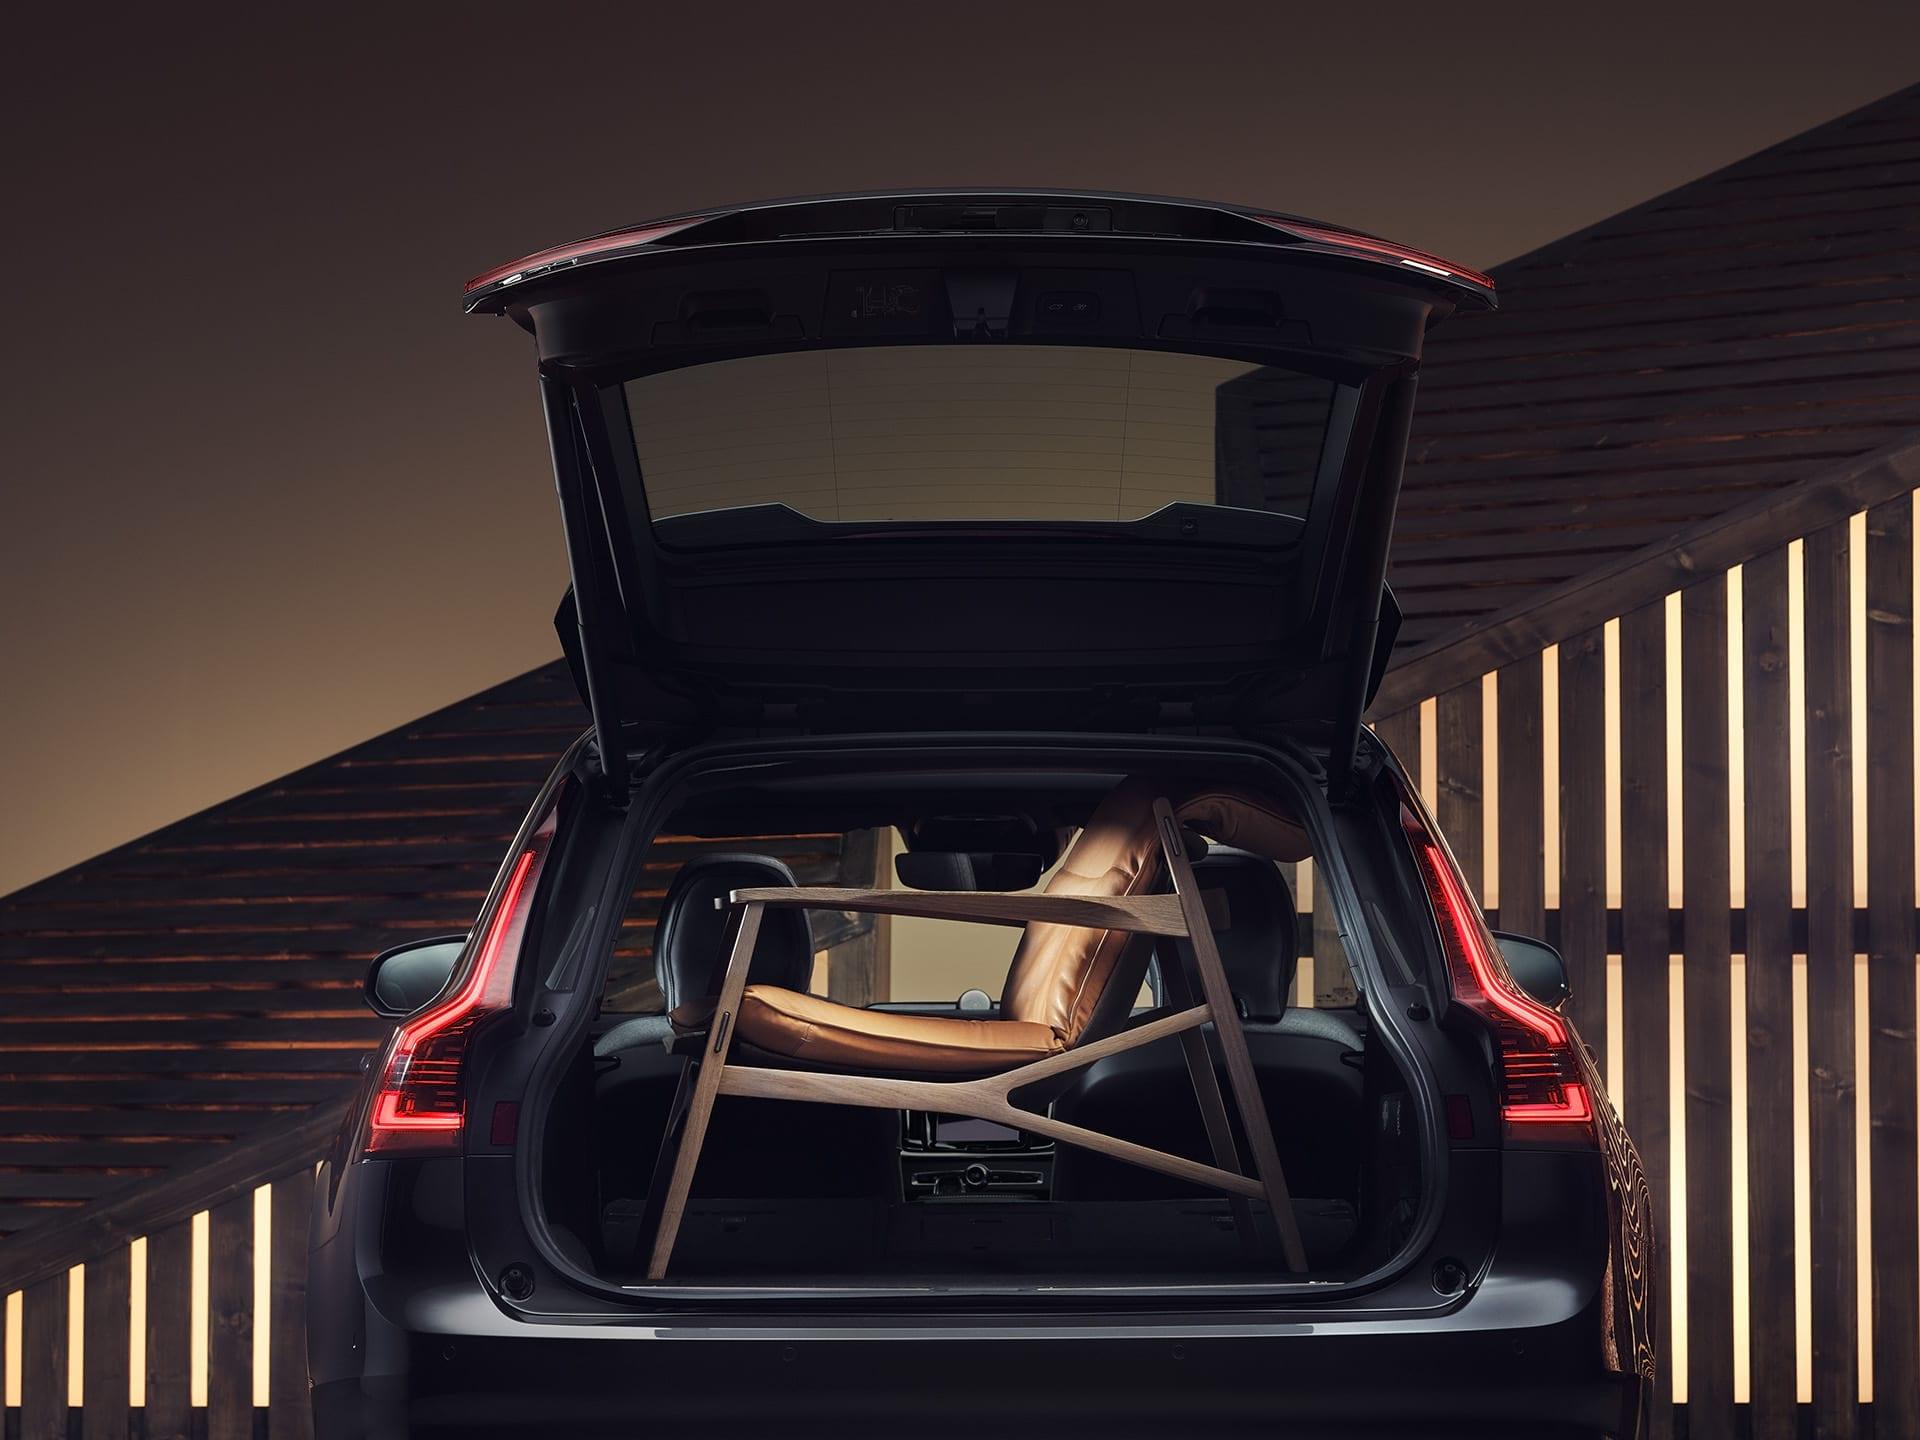 Der Kofferraum eines Volvo V90, ausgefüllt mit einem braunen eleganten Sessel.